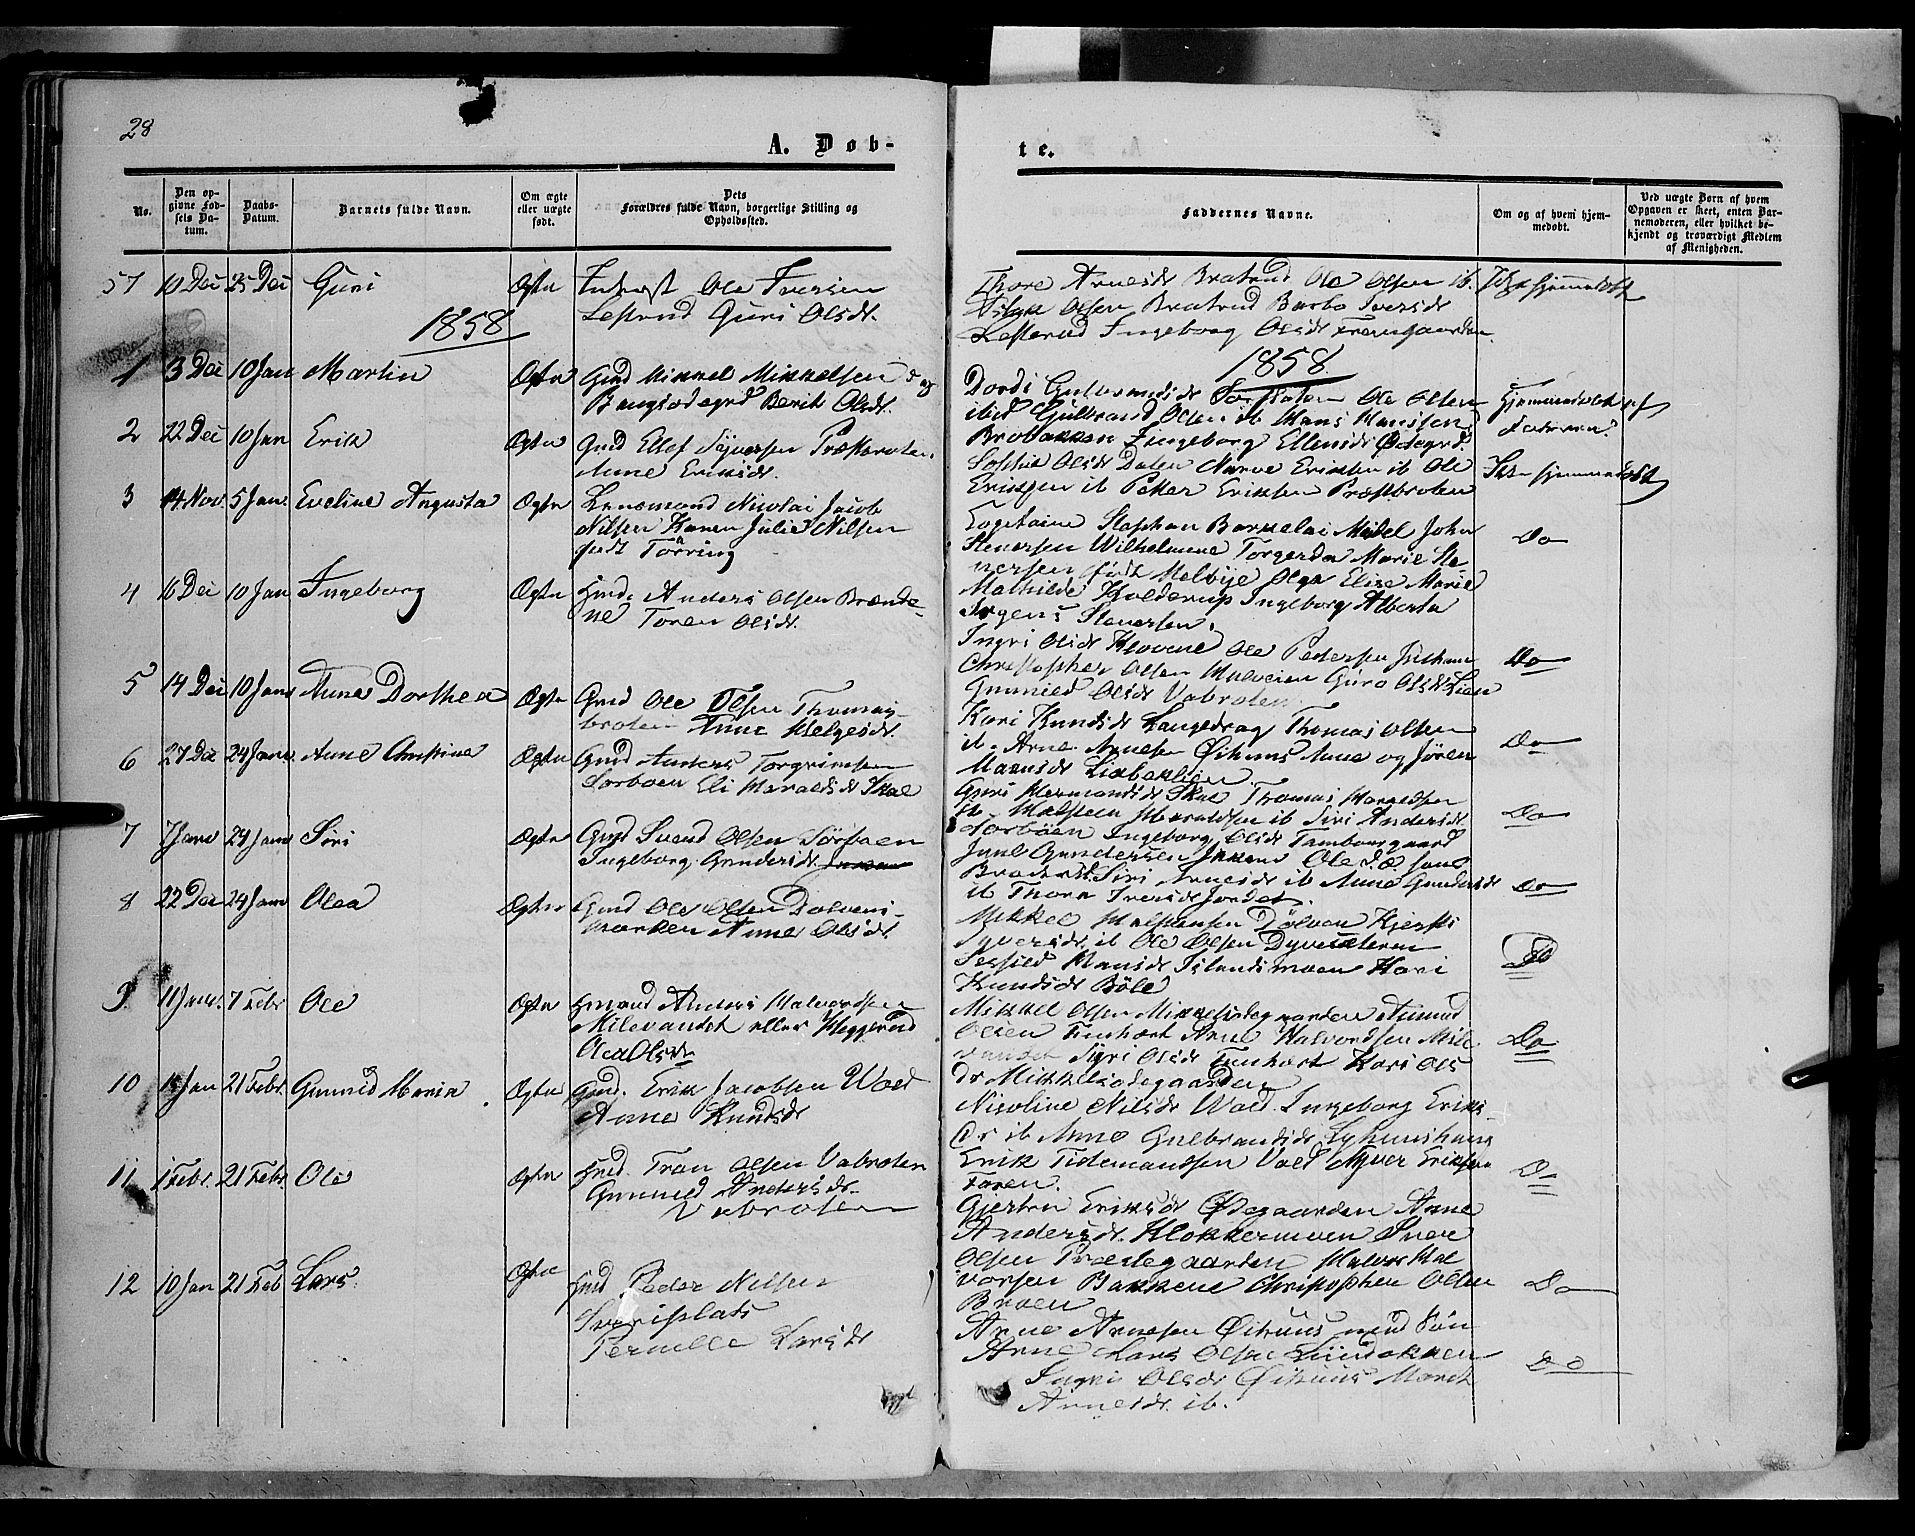 SAH, Sør-Aurdal prestekontor, Ministerialbok nr. 5, 1849-1876, s. 28